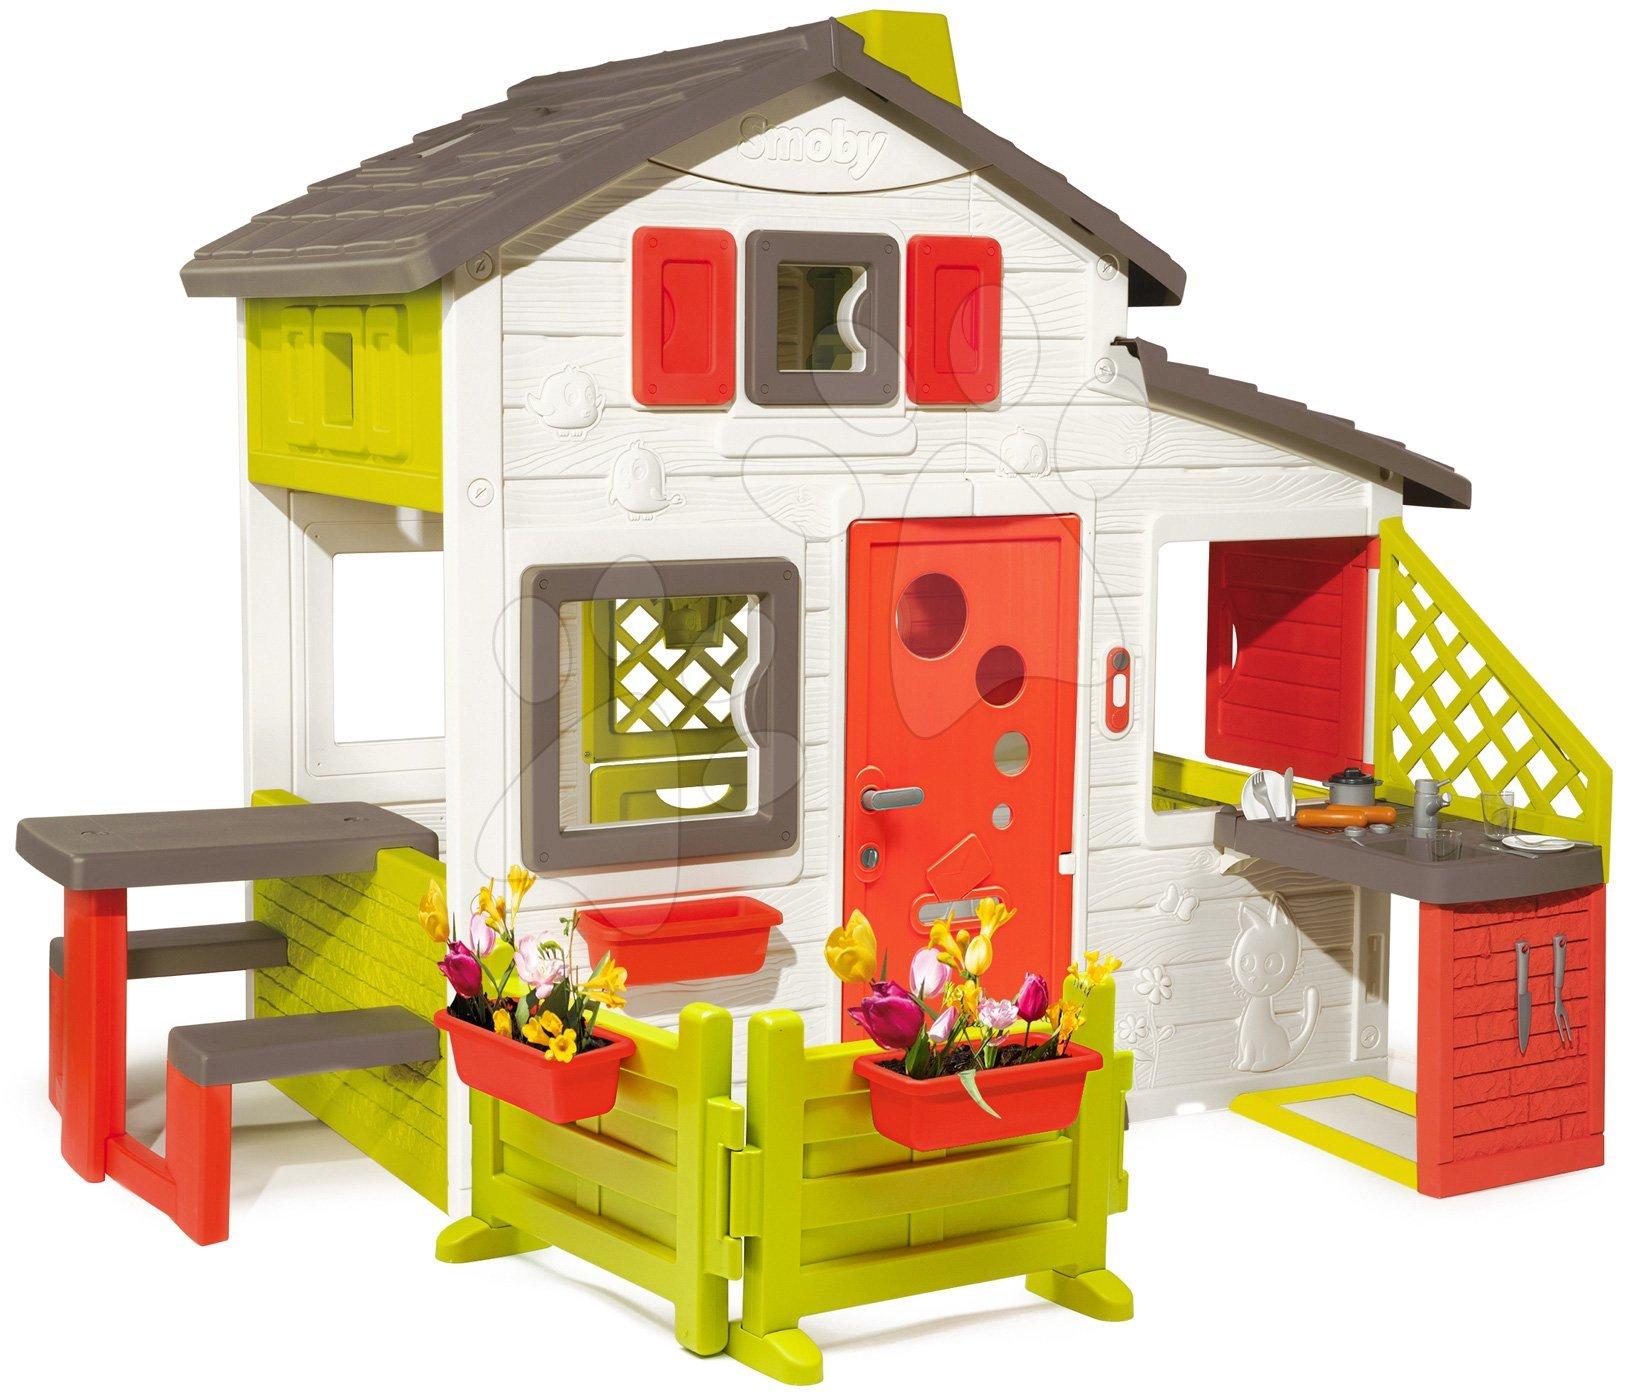 Domeček Friends House Smoby s kuchyňkou, zahrádkou a plnými dveřmi